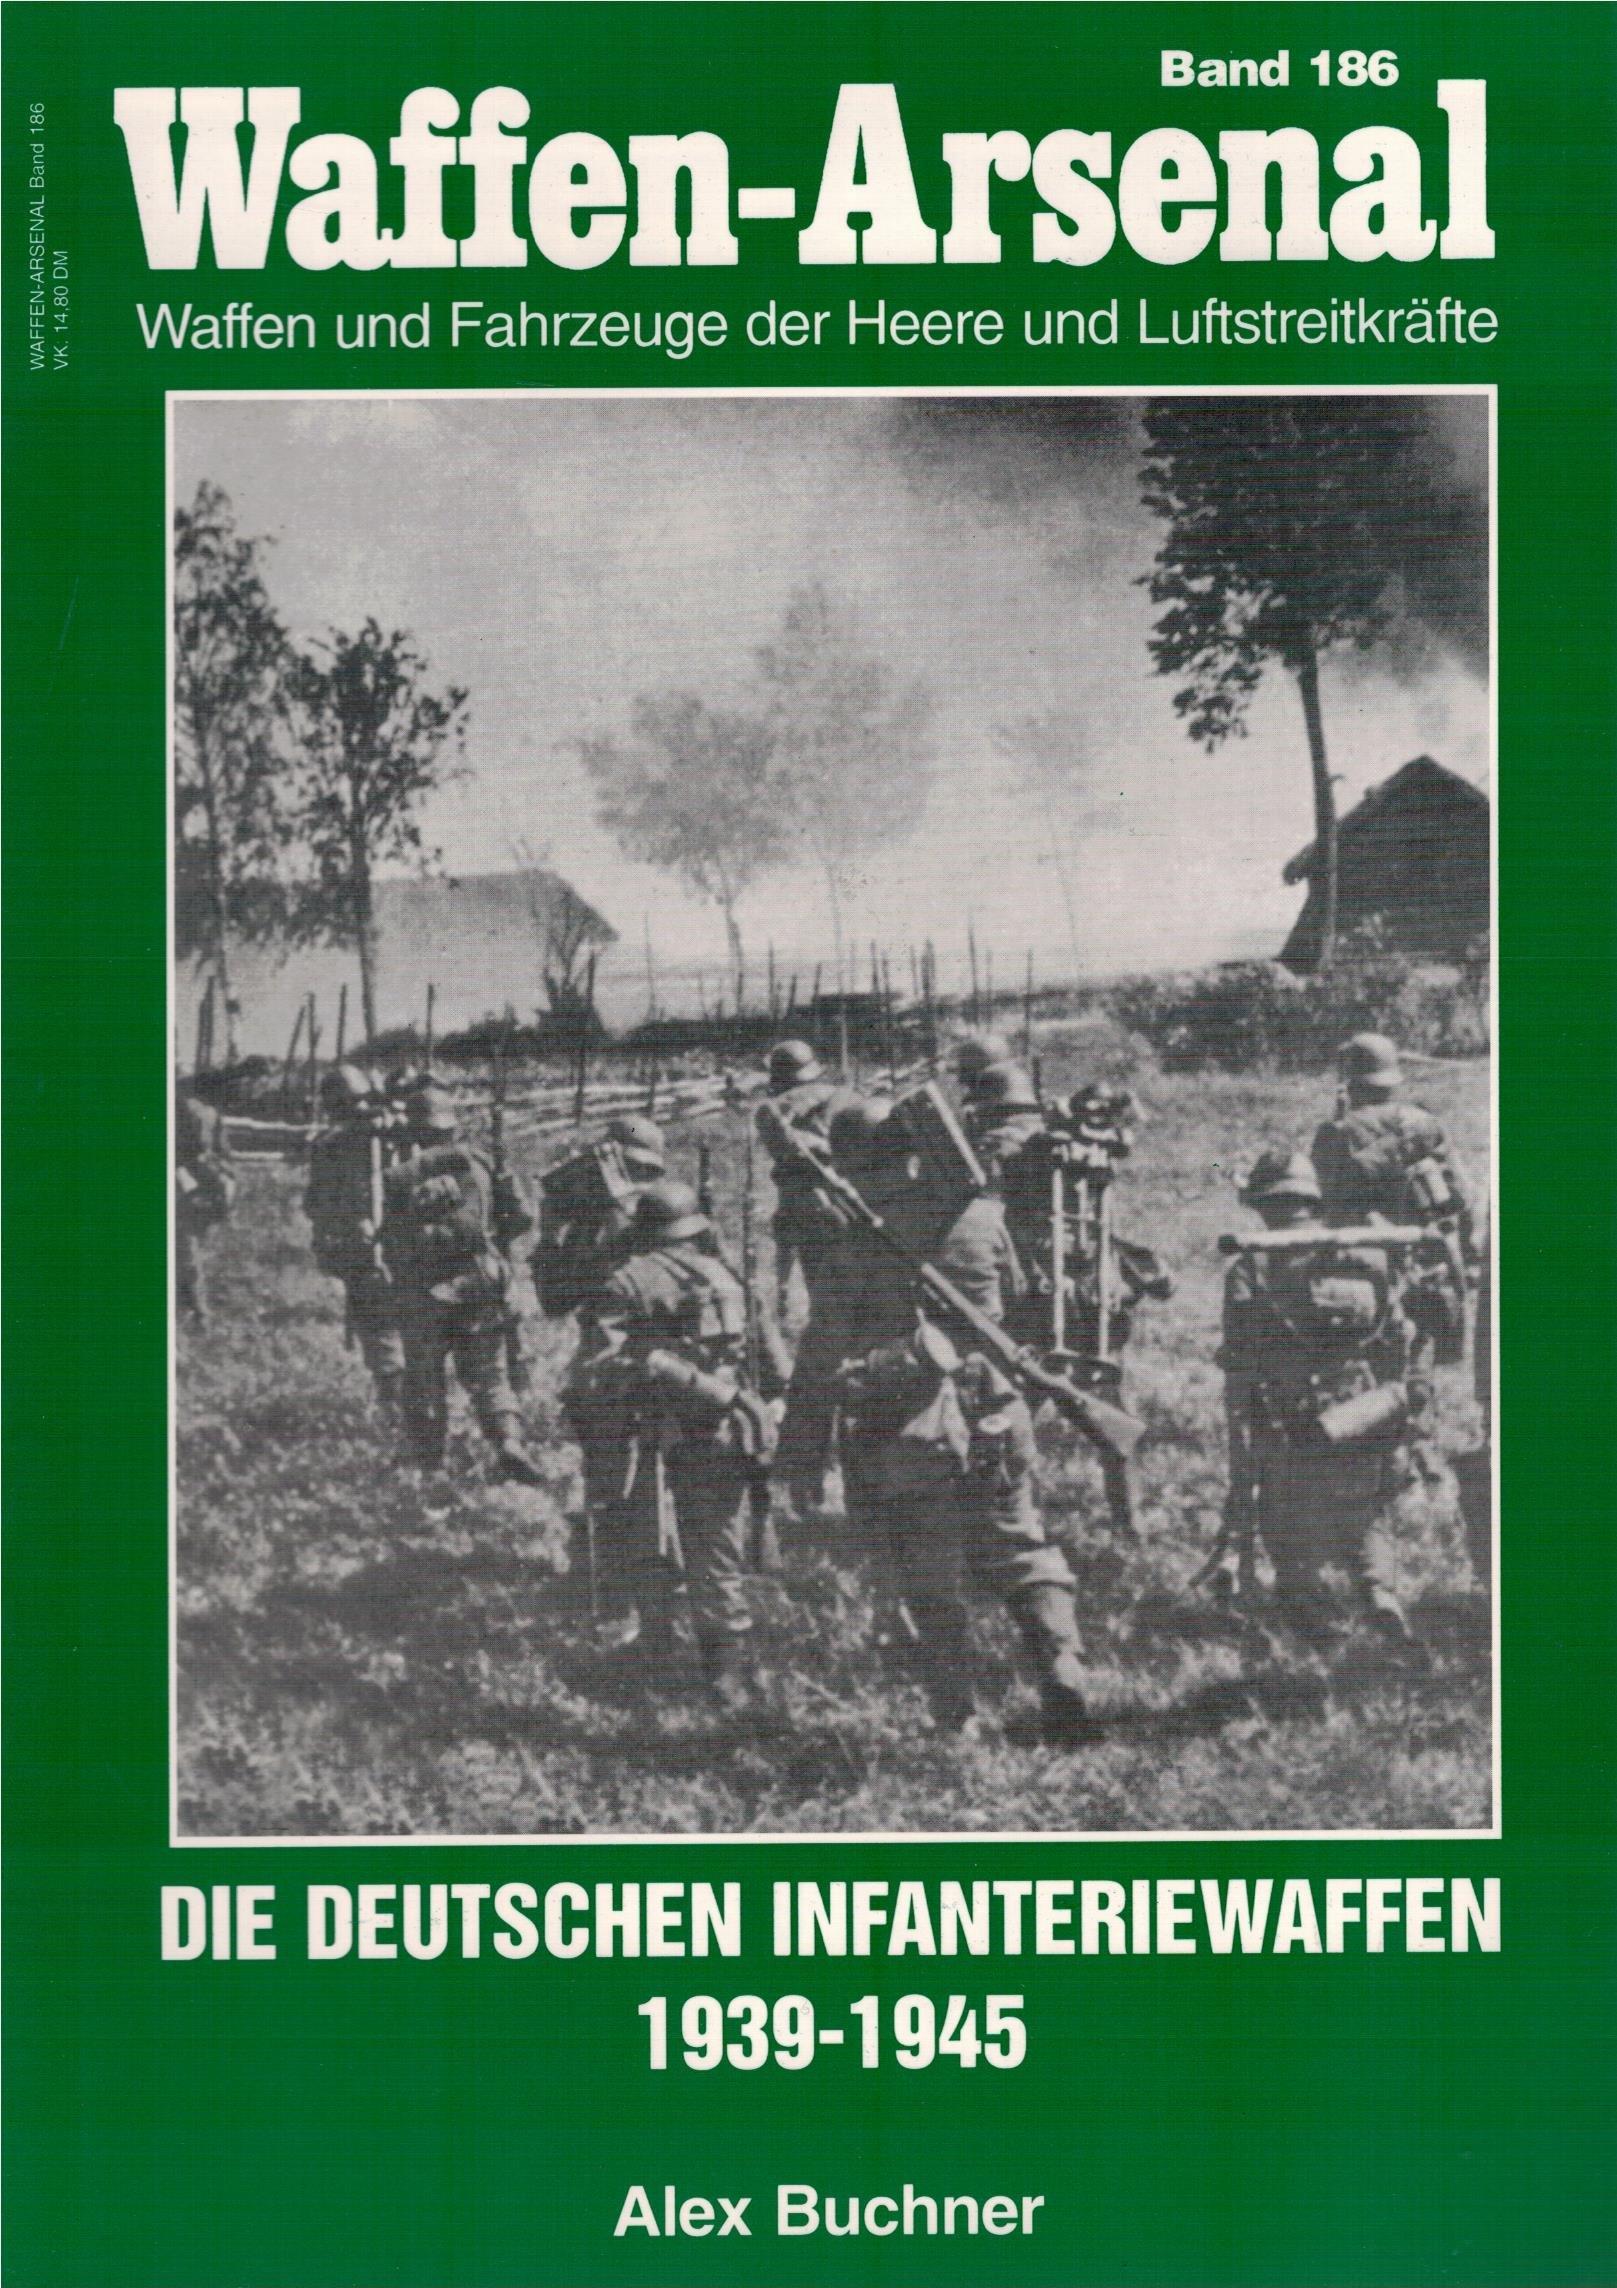 Waffen-Arsenal 186 : Die deutschen Infanteriewaffen 1939-1945